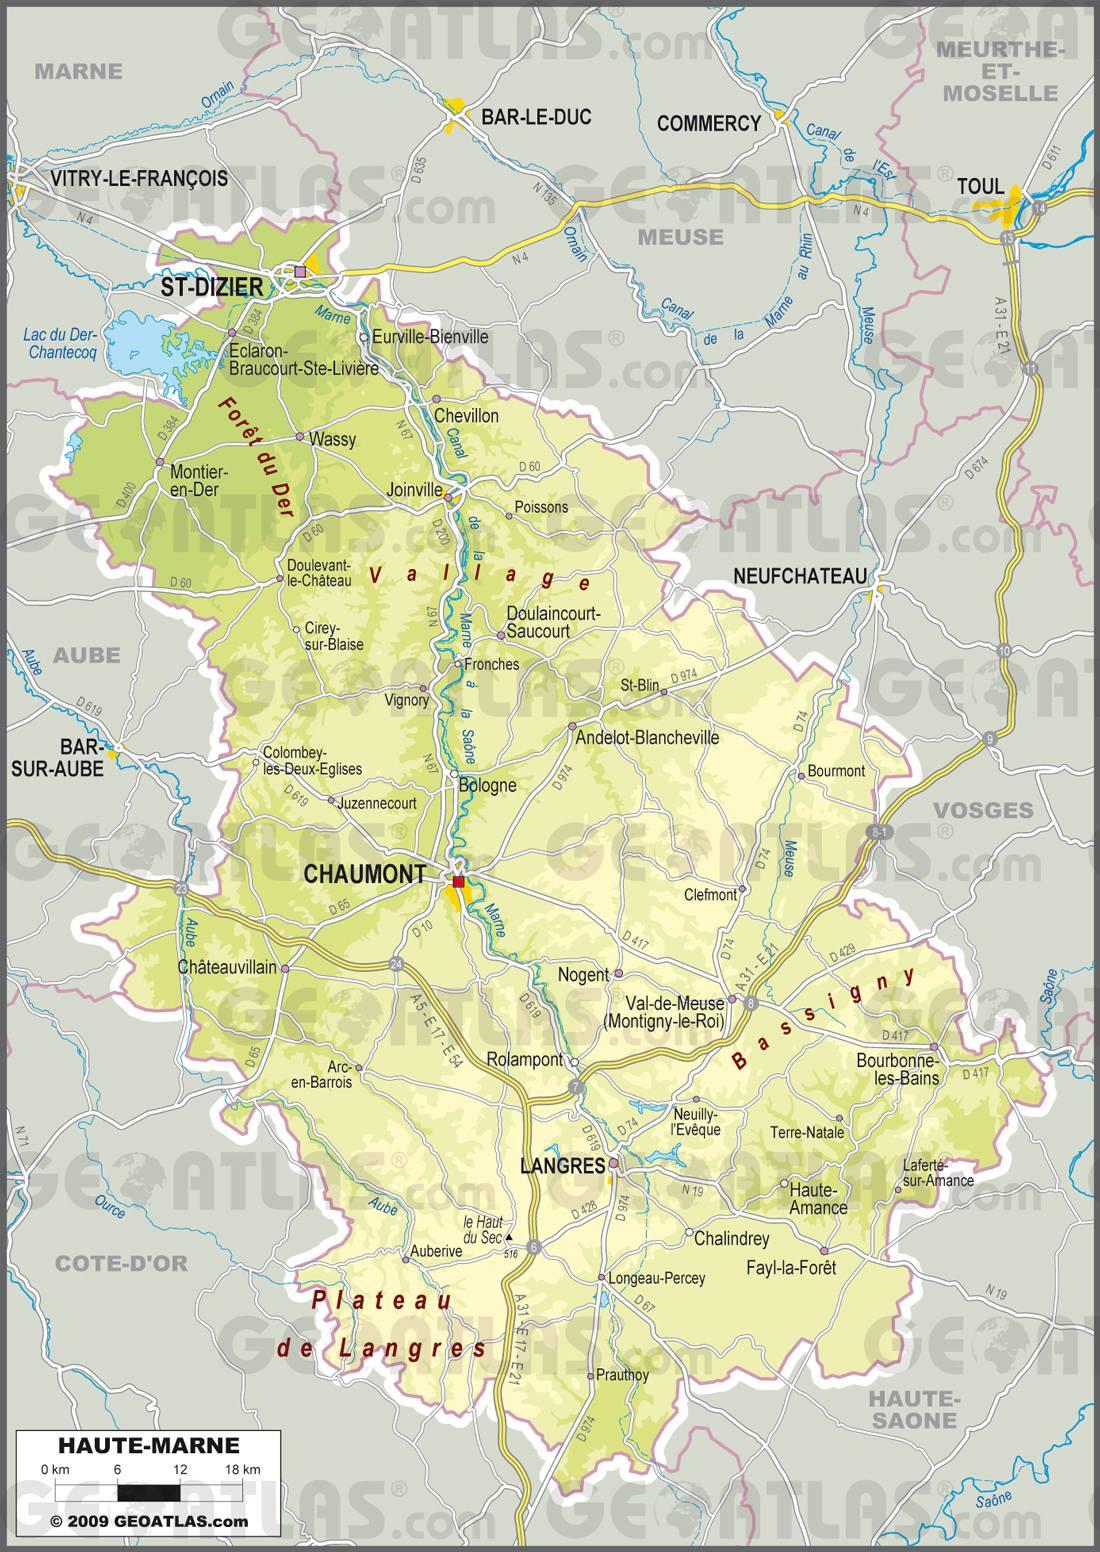 Haute-Marne carte